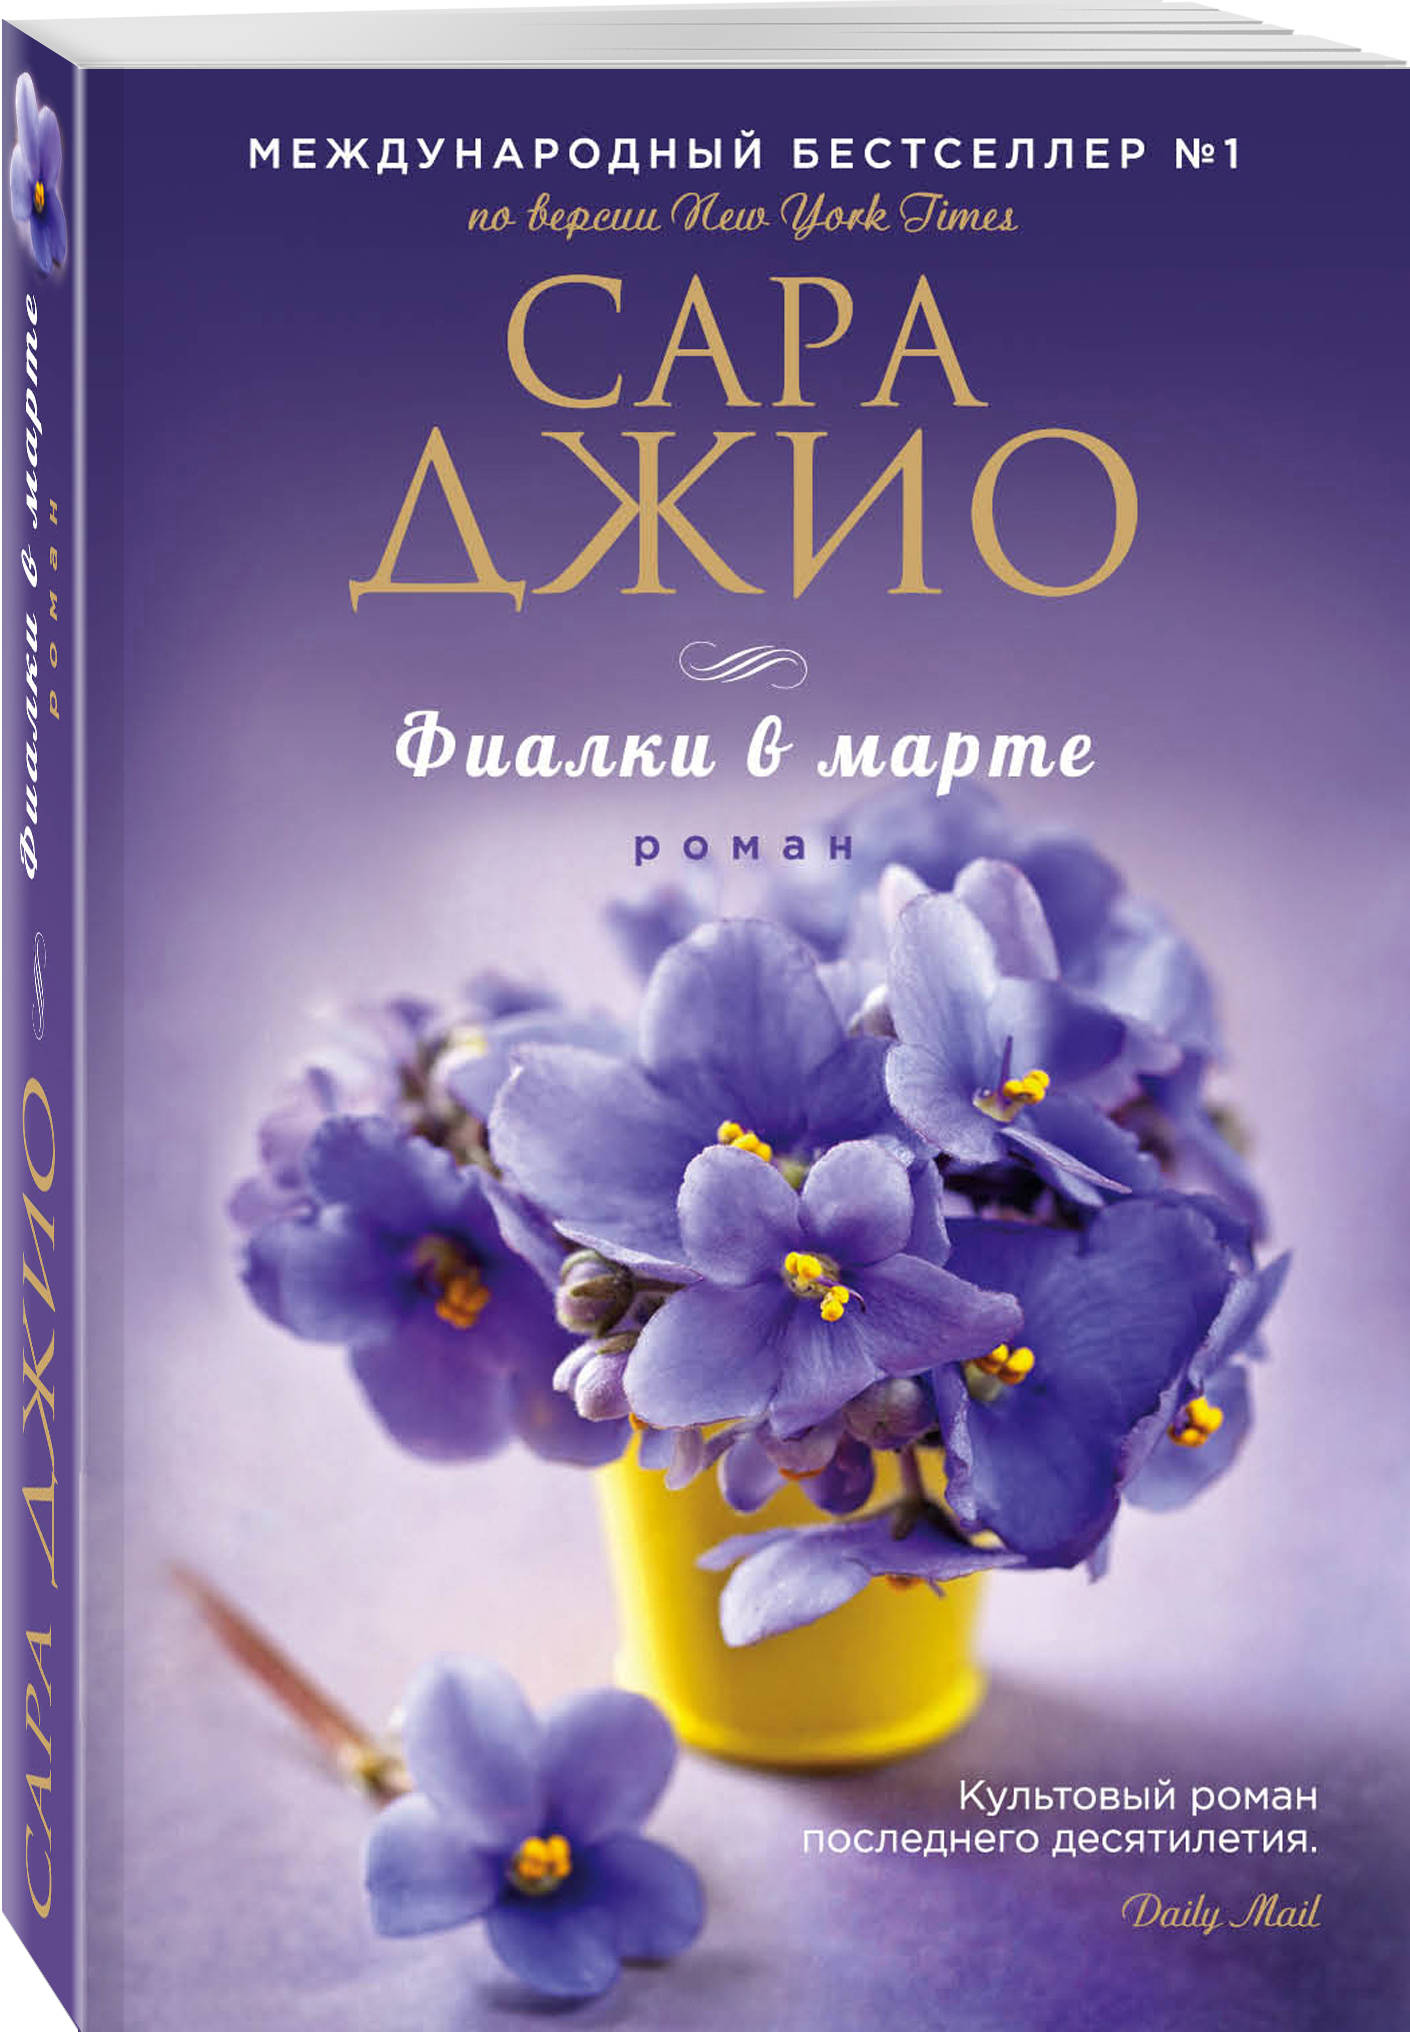 Джио С. Фиалки в марте как купить фиалки в москве с доставкой на украину